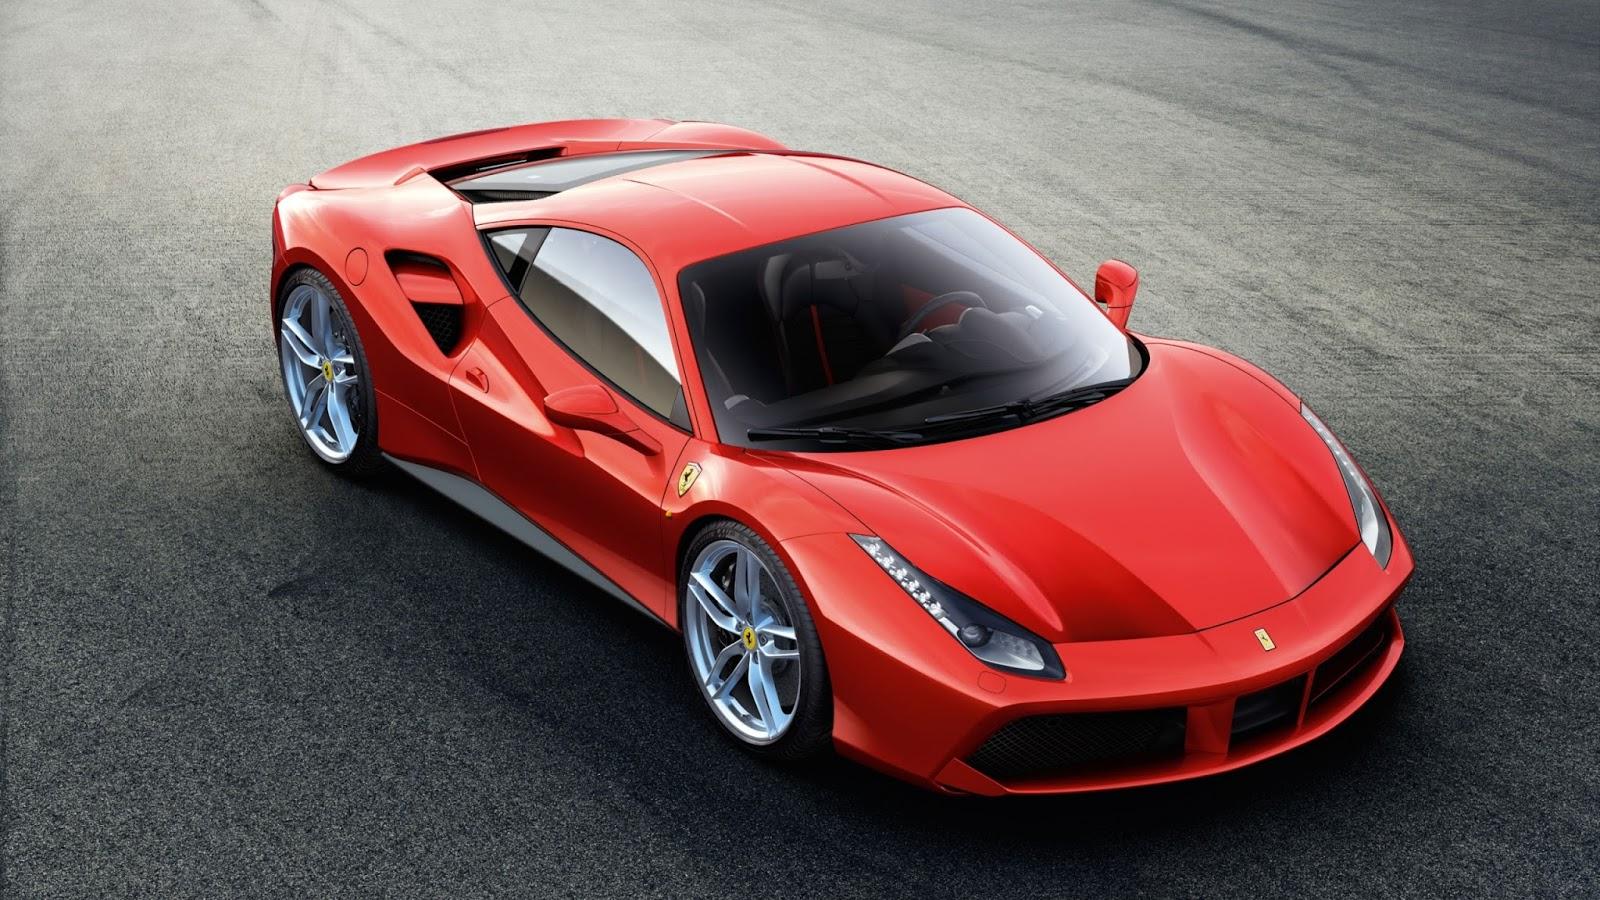 ferrari 488 gtb 2560x1440 1 Ferrari 488 GTB: ταχύτατους γύρους στην πίστα για τον επαγγελματία οδηγό, συναρπαστική ακόμα και για τον μέσο οδηγό στο δρόμο 488 GTB, Ferrari, Ferrari 488 GTB, SSC2, supercars, videos, zblog